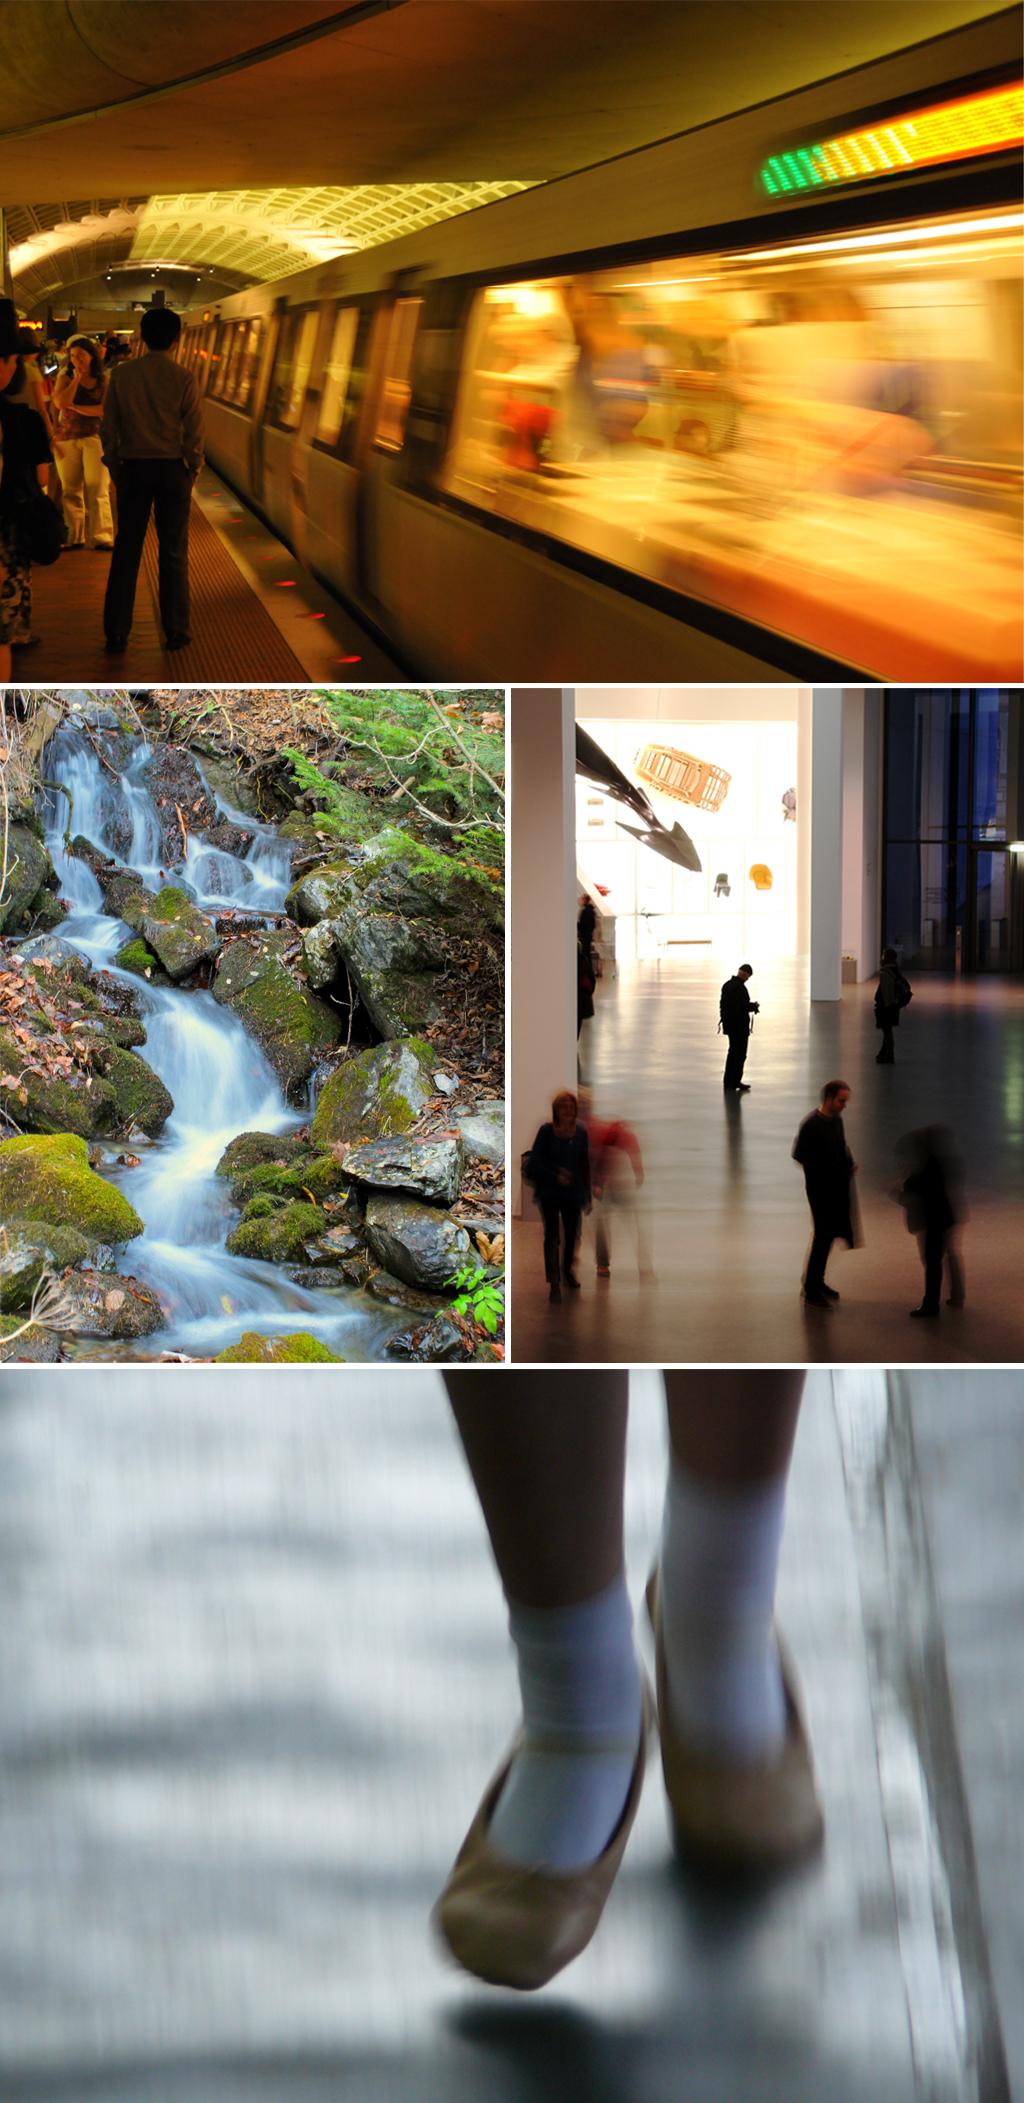 Fotoprojecten - Experimenteer met sluitertijden